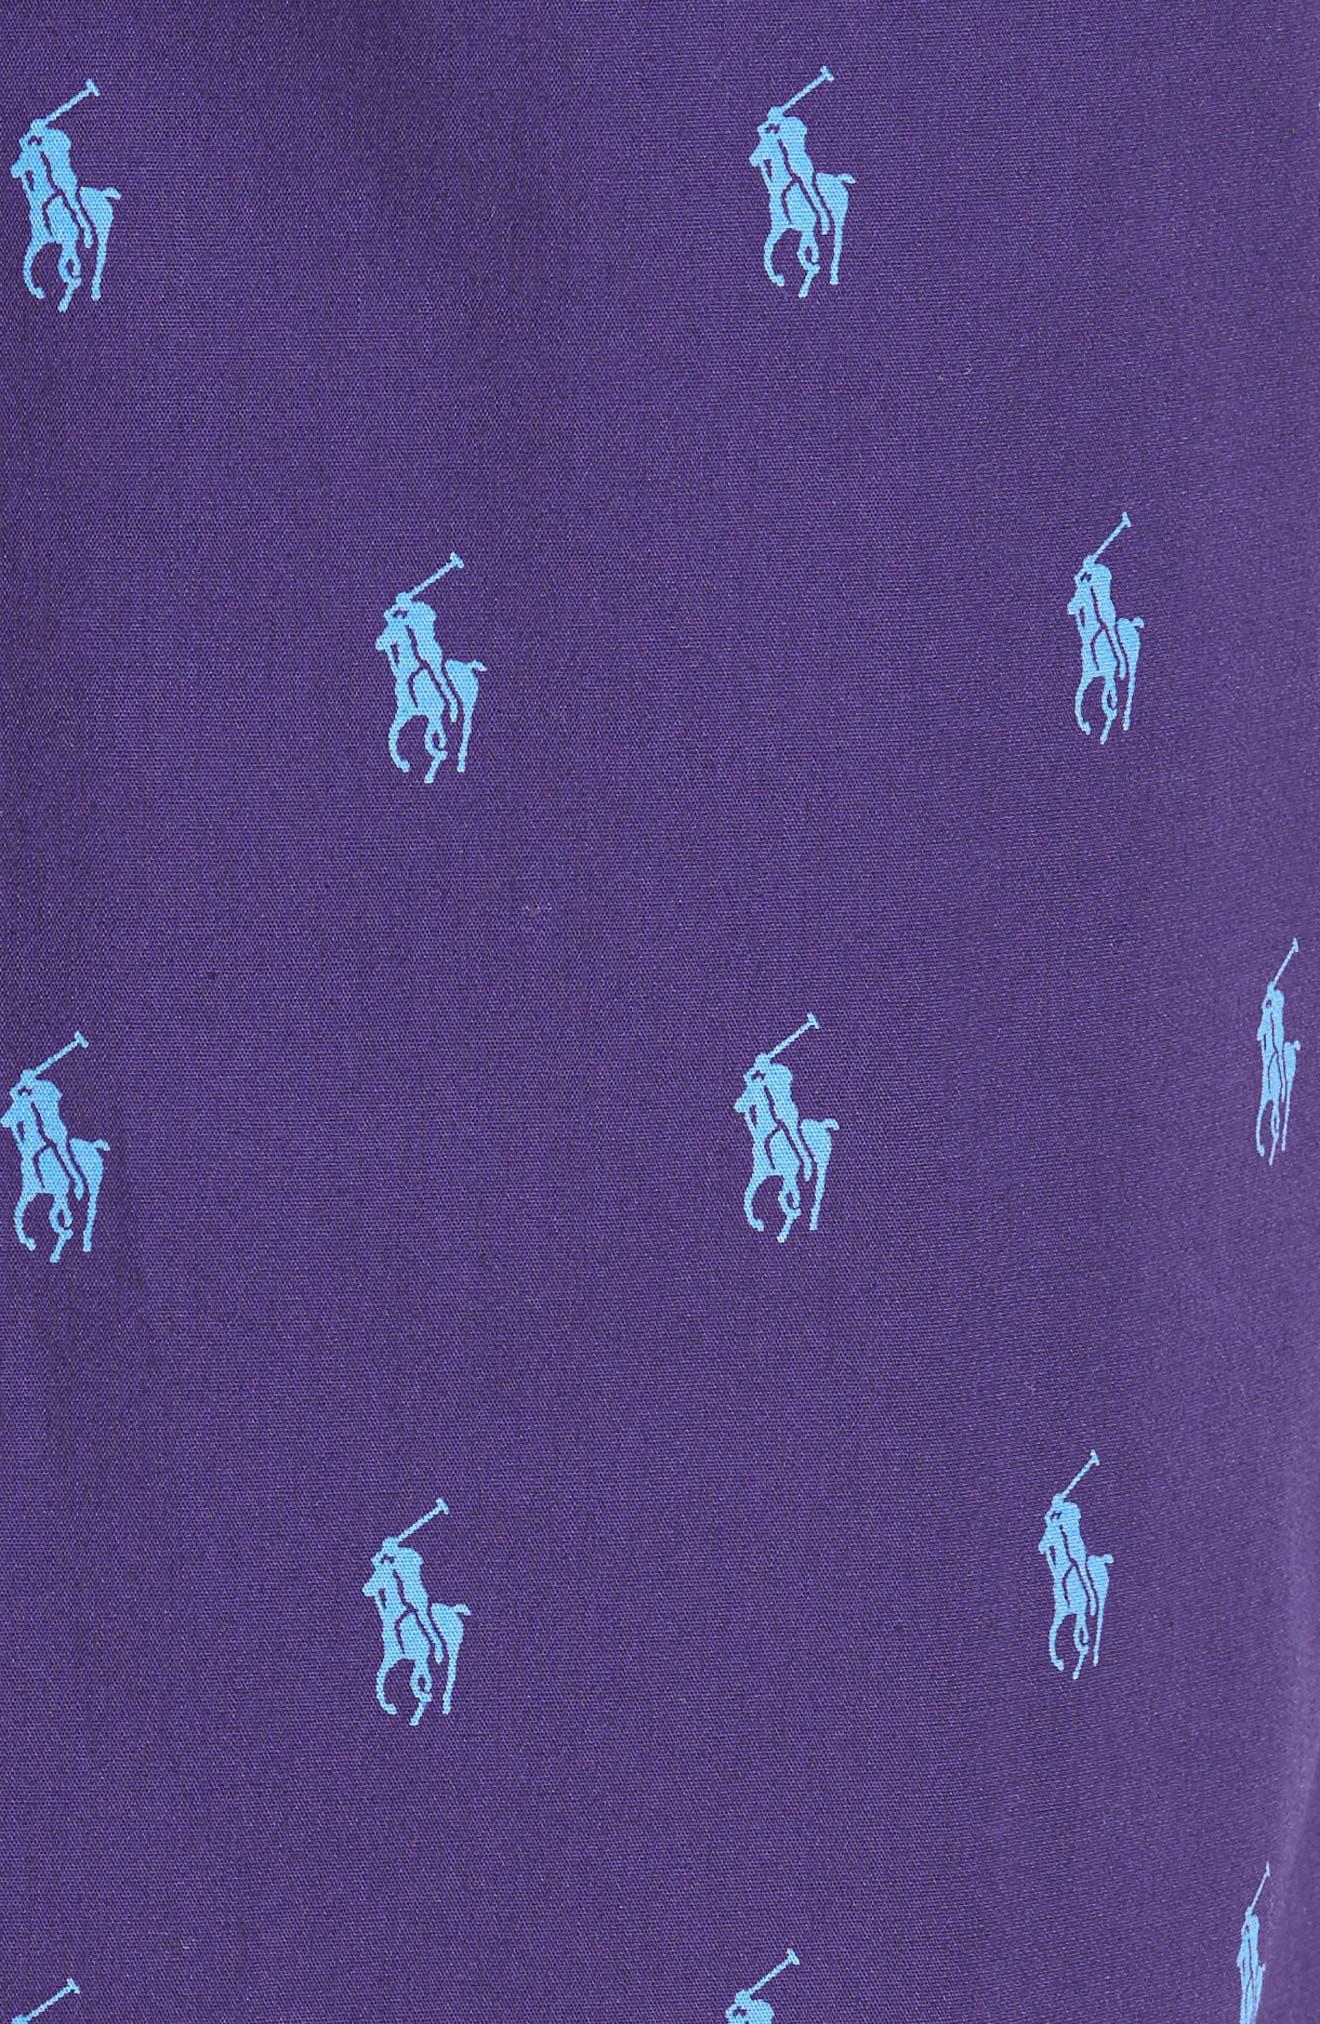 Polo Ralph Lauren Cotton Lounge Pants,                             Alternate thumbnail 24, color,